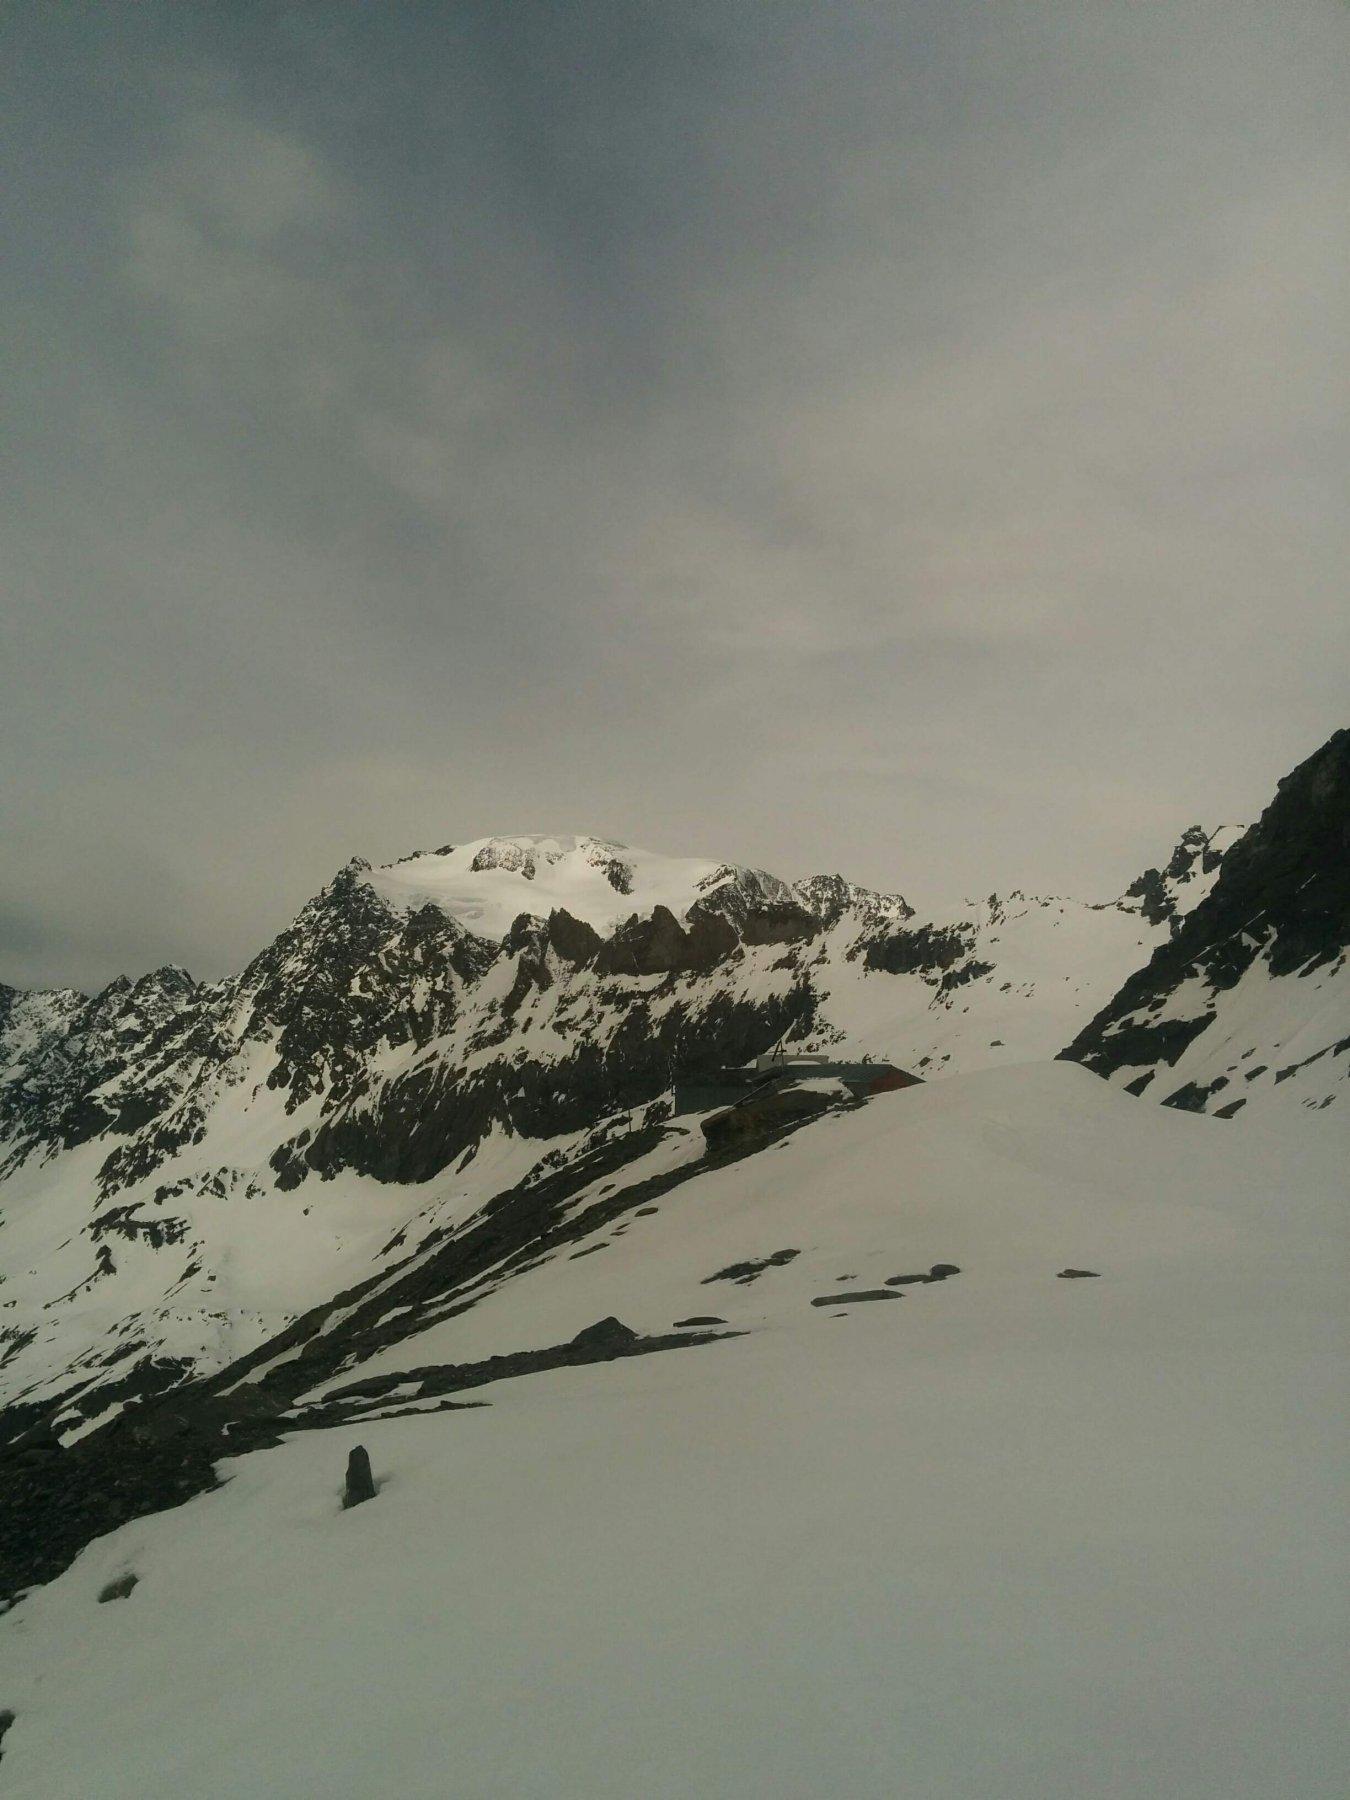 Il rifugio e il Mont Velan in secondo piano